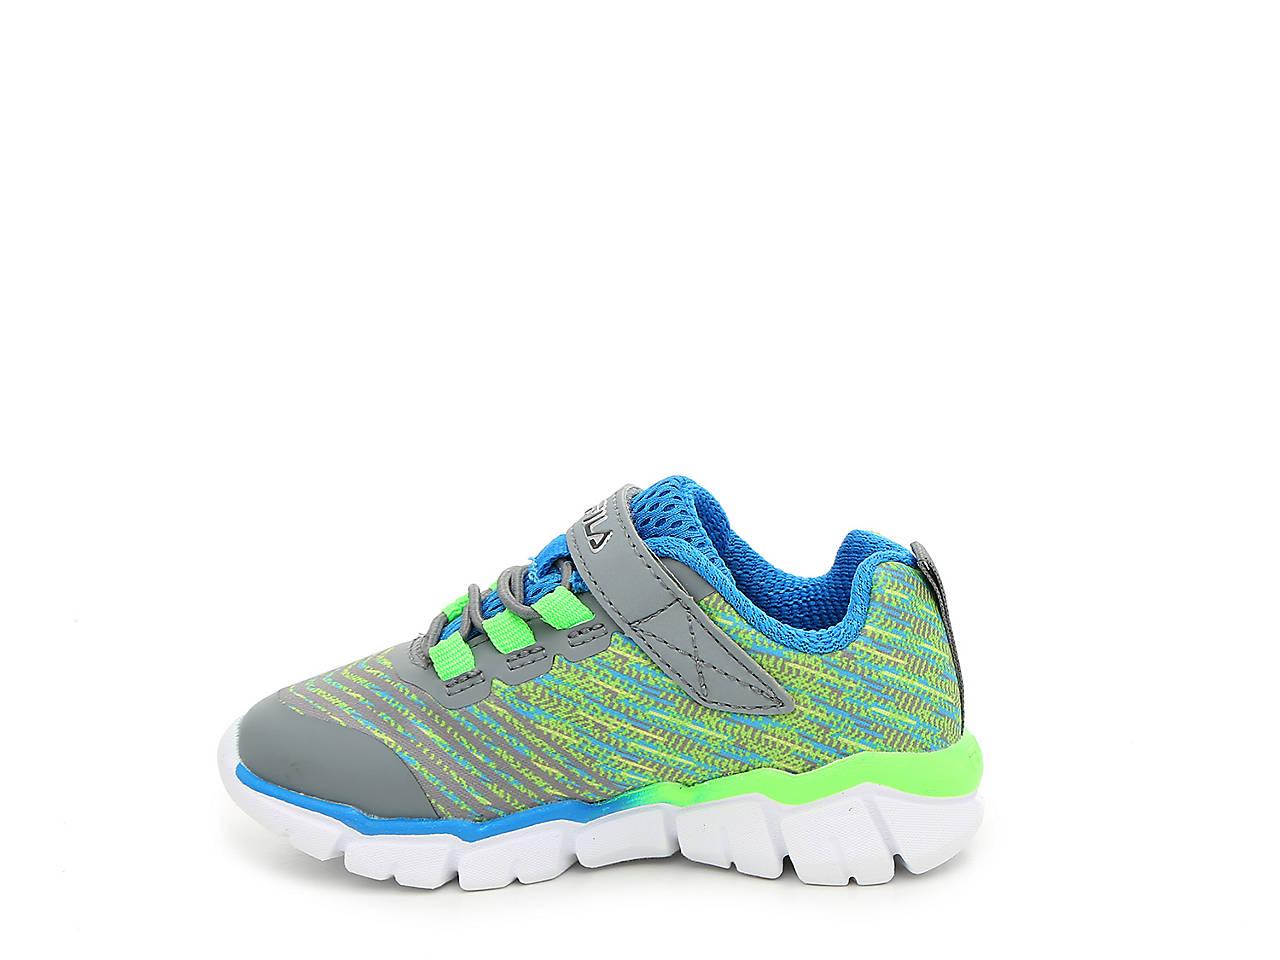 Fila Overfuel 2.5 Sneaker Kids' Kids Shoes DSW  DSW